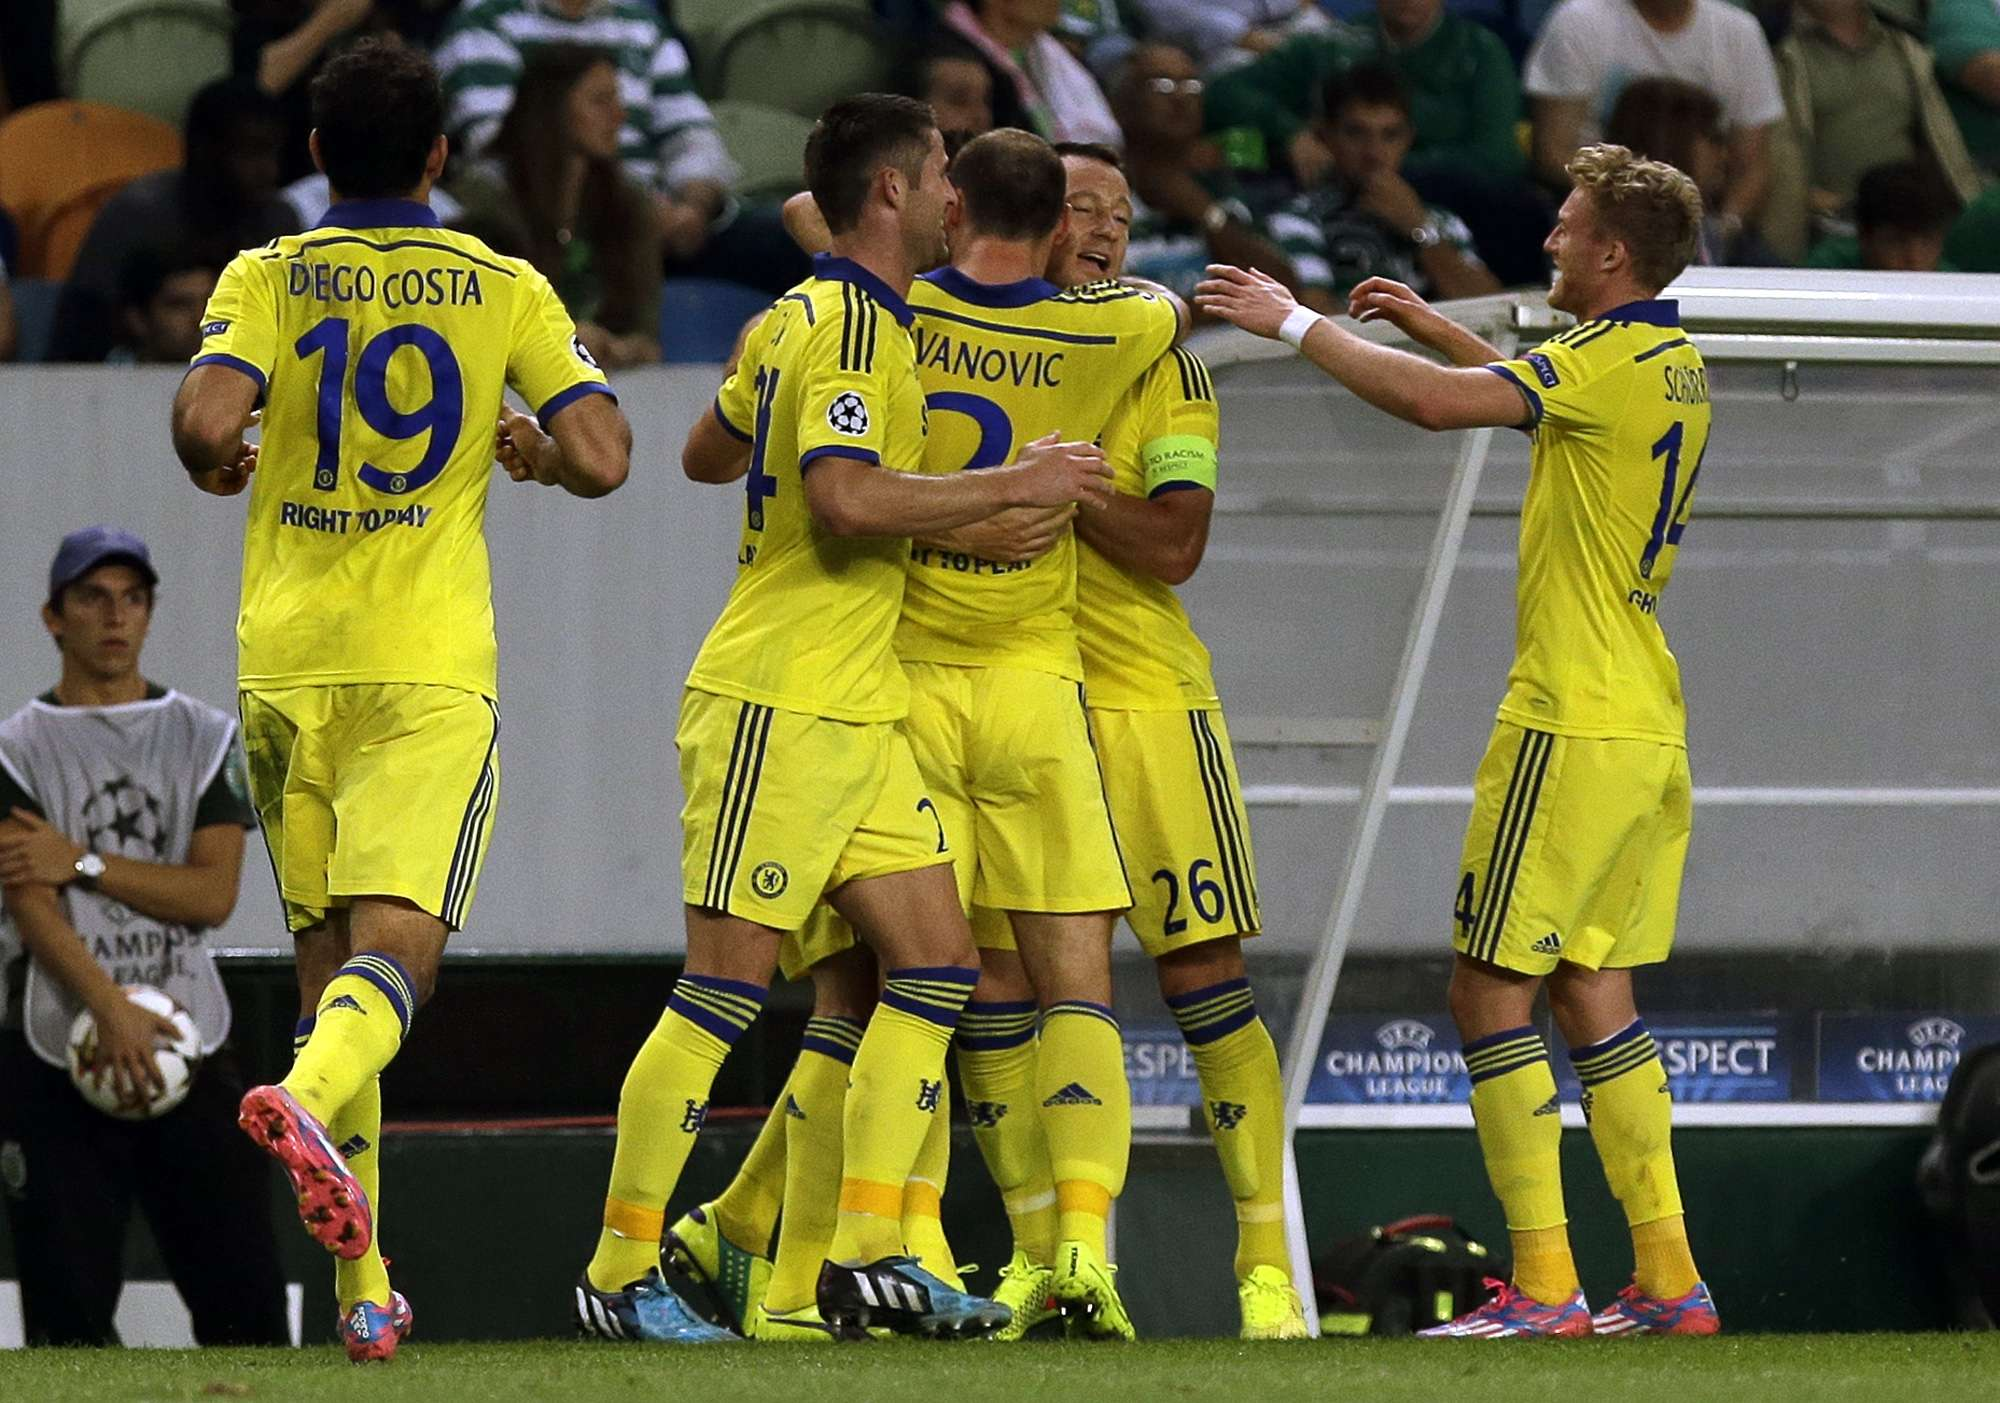 Jogadores do Chelsea comemoram gol de Matic em duelo com o Sporting Foto: Francisco Seco/AP